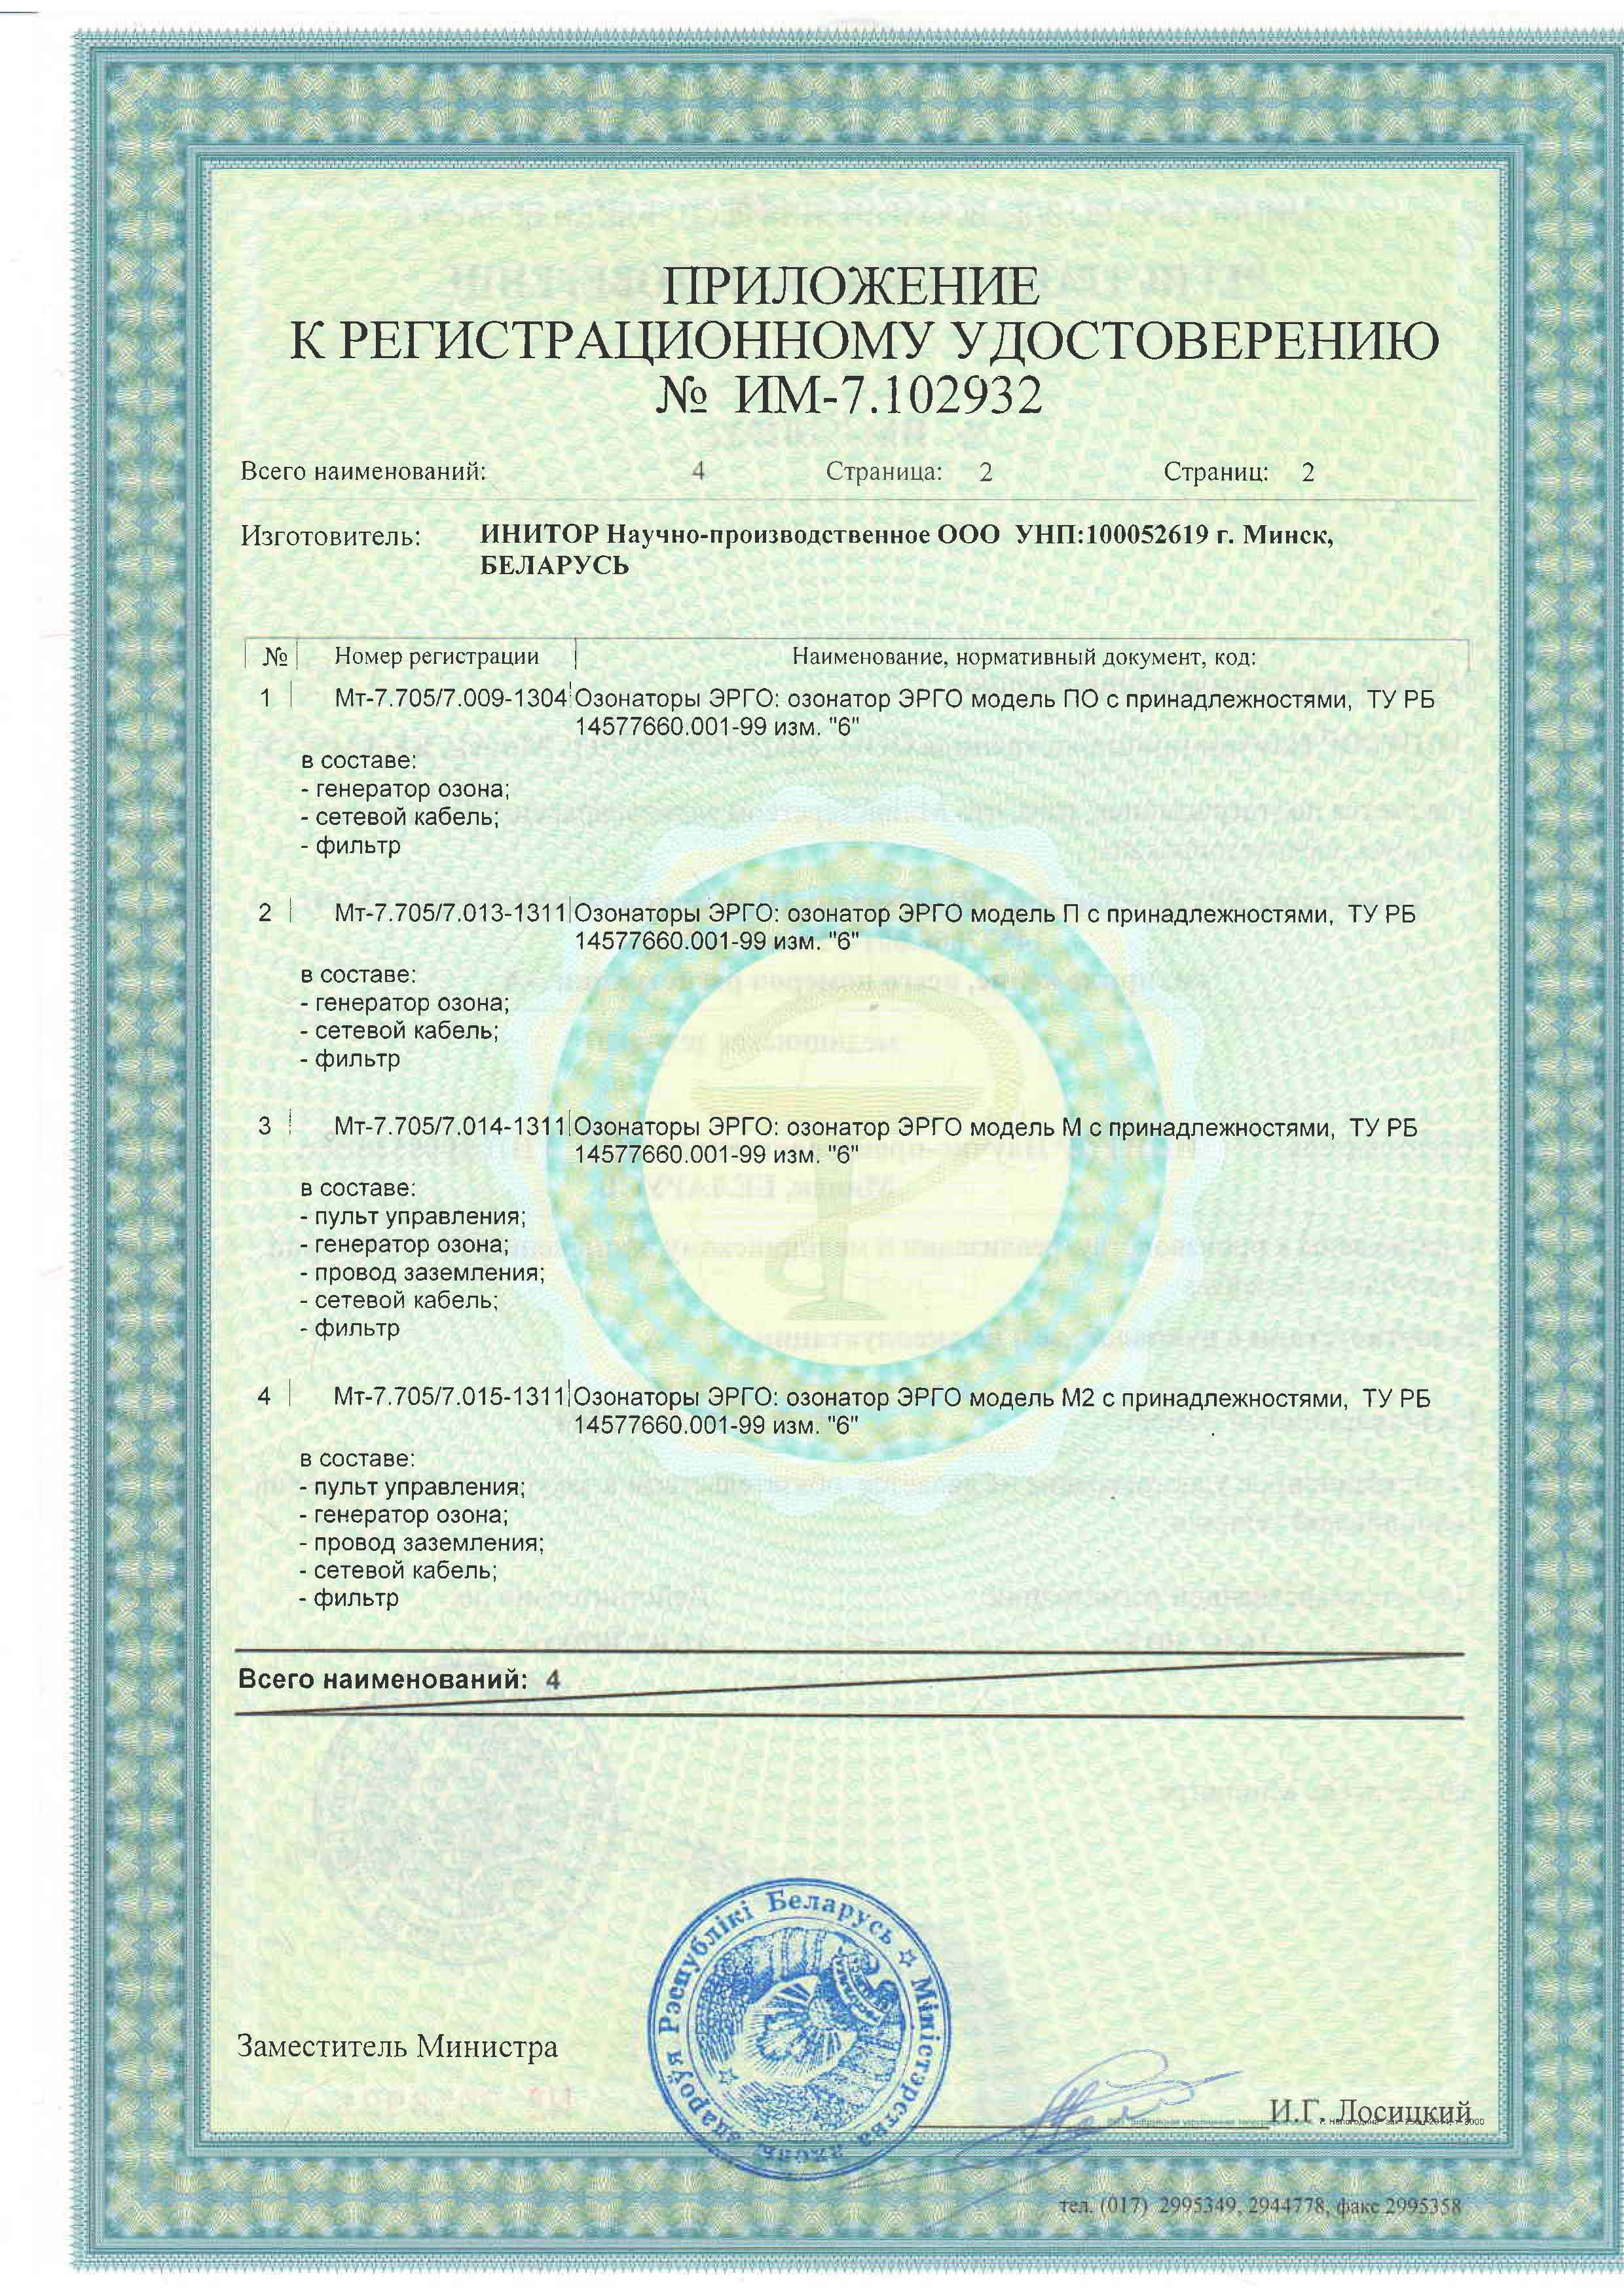 Рег удост МЗ 16.07.2015 2020 ЭРГО л2